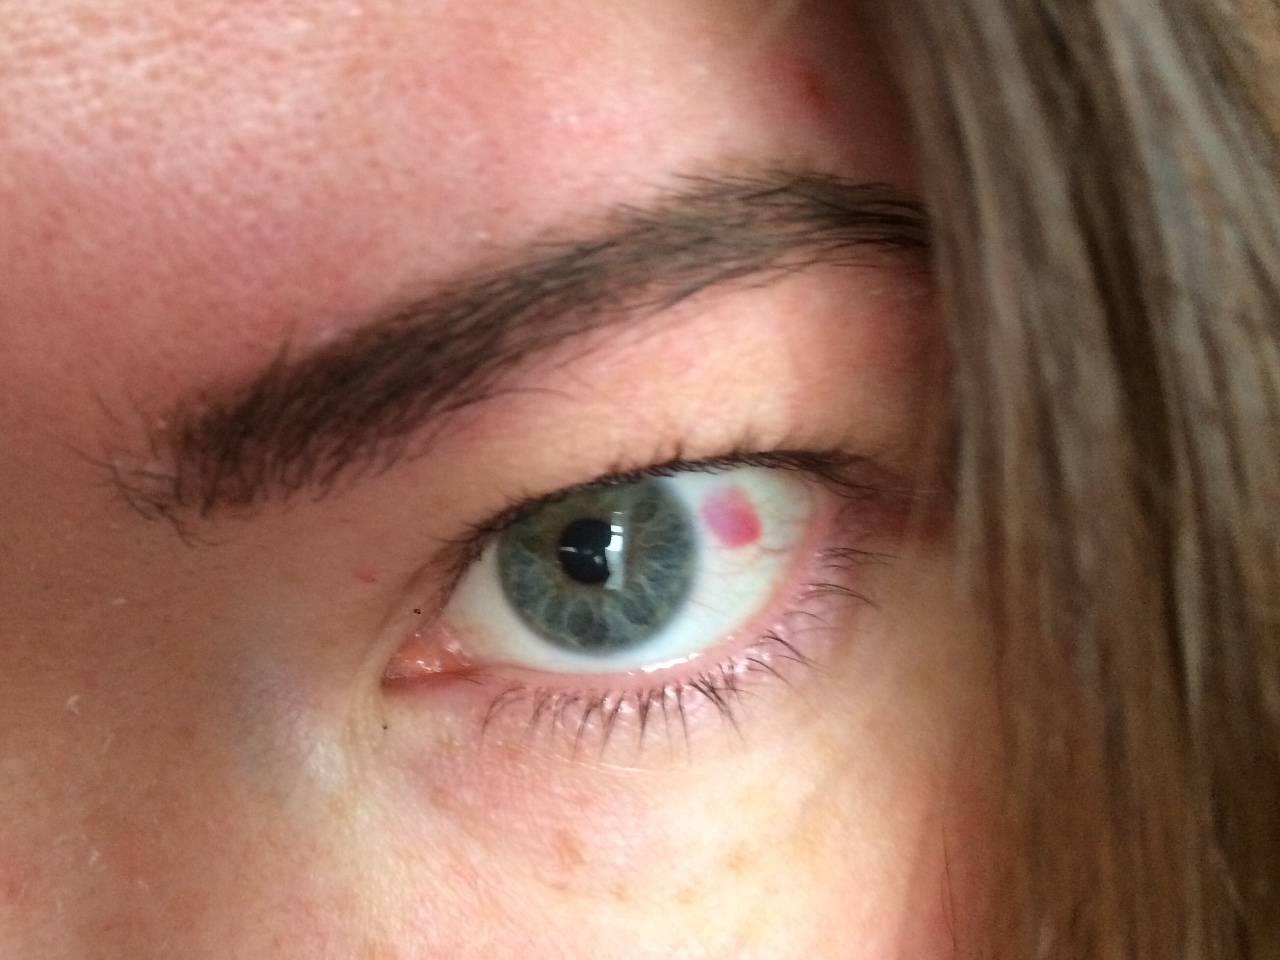 красная точка на глазу